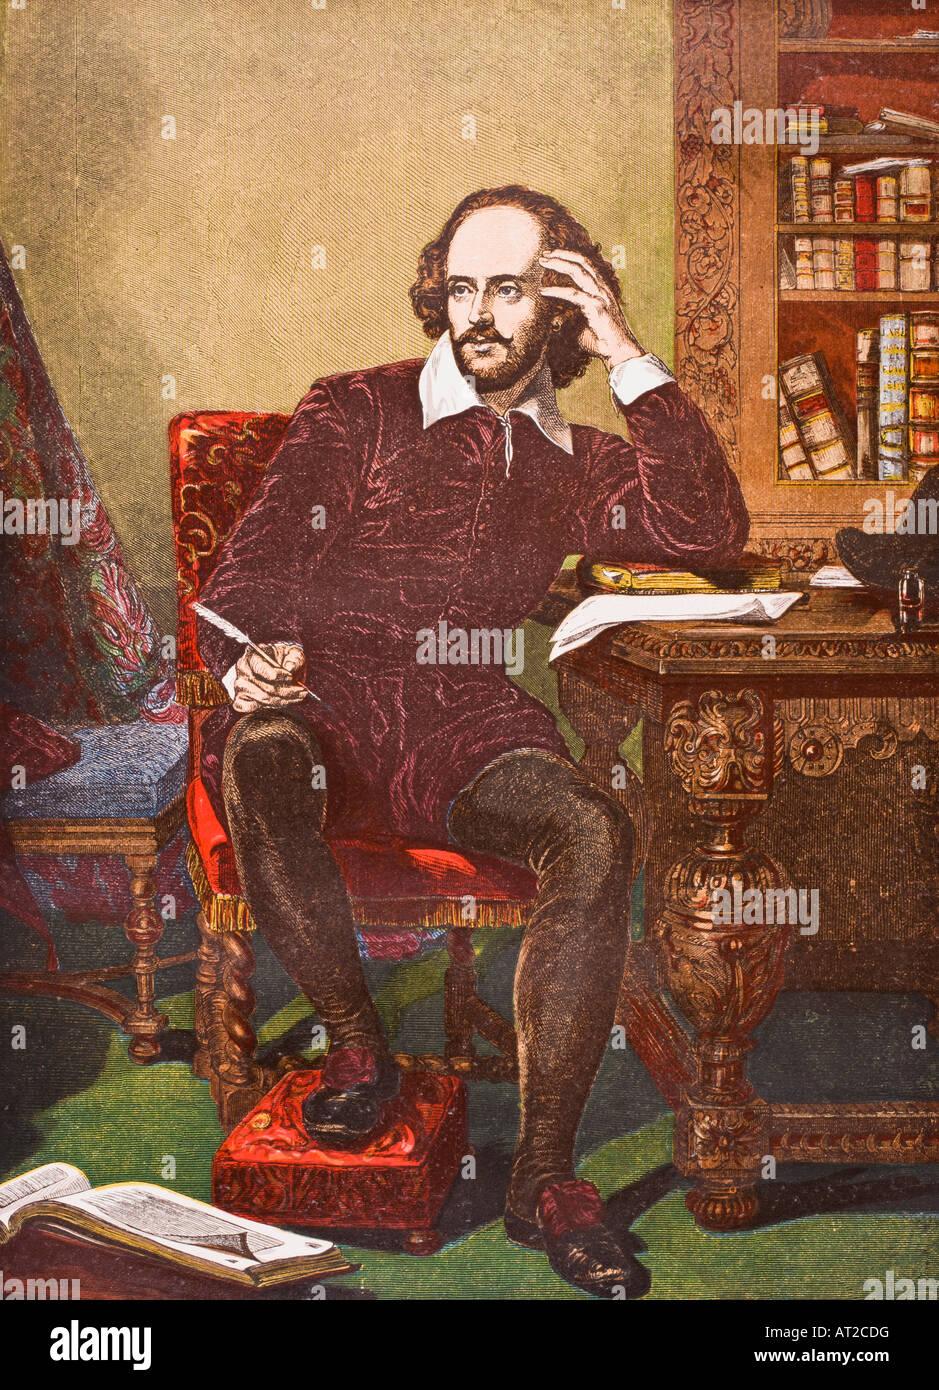 Shakespeare le dramatiste datant des jeux